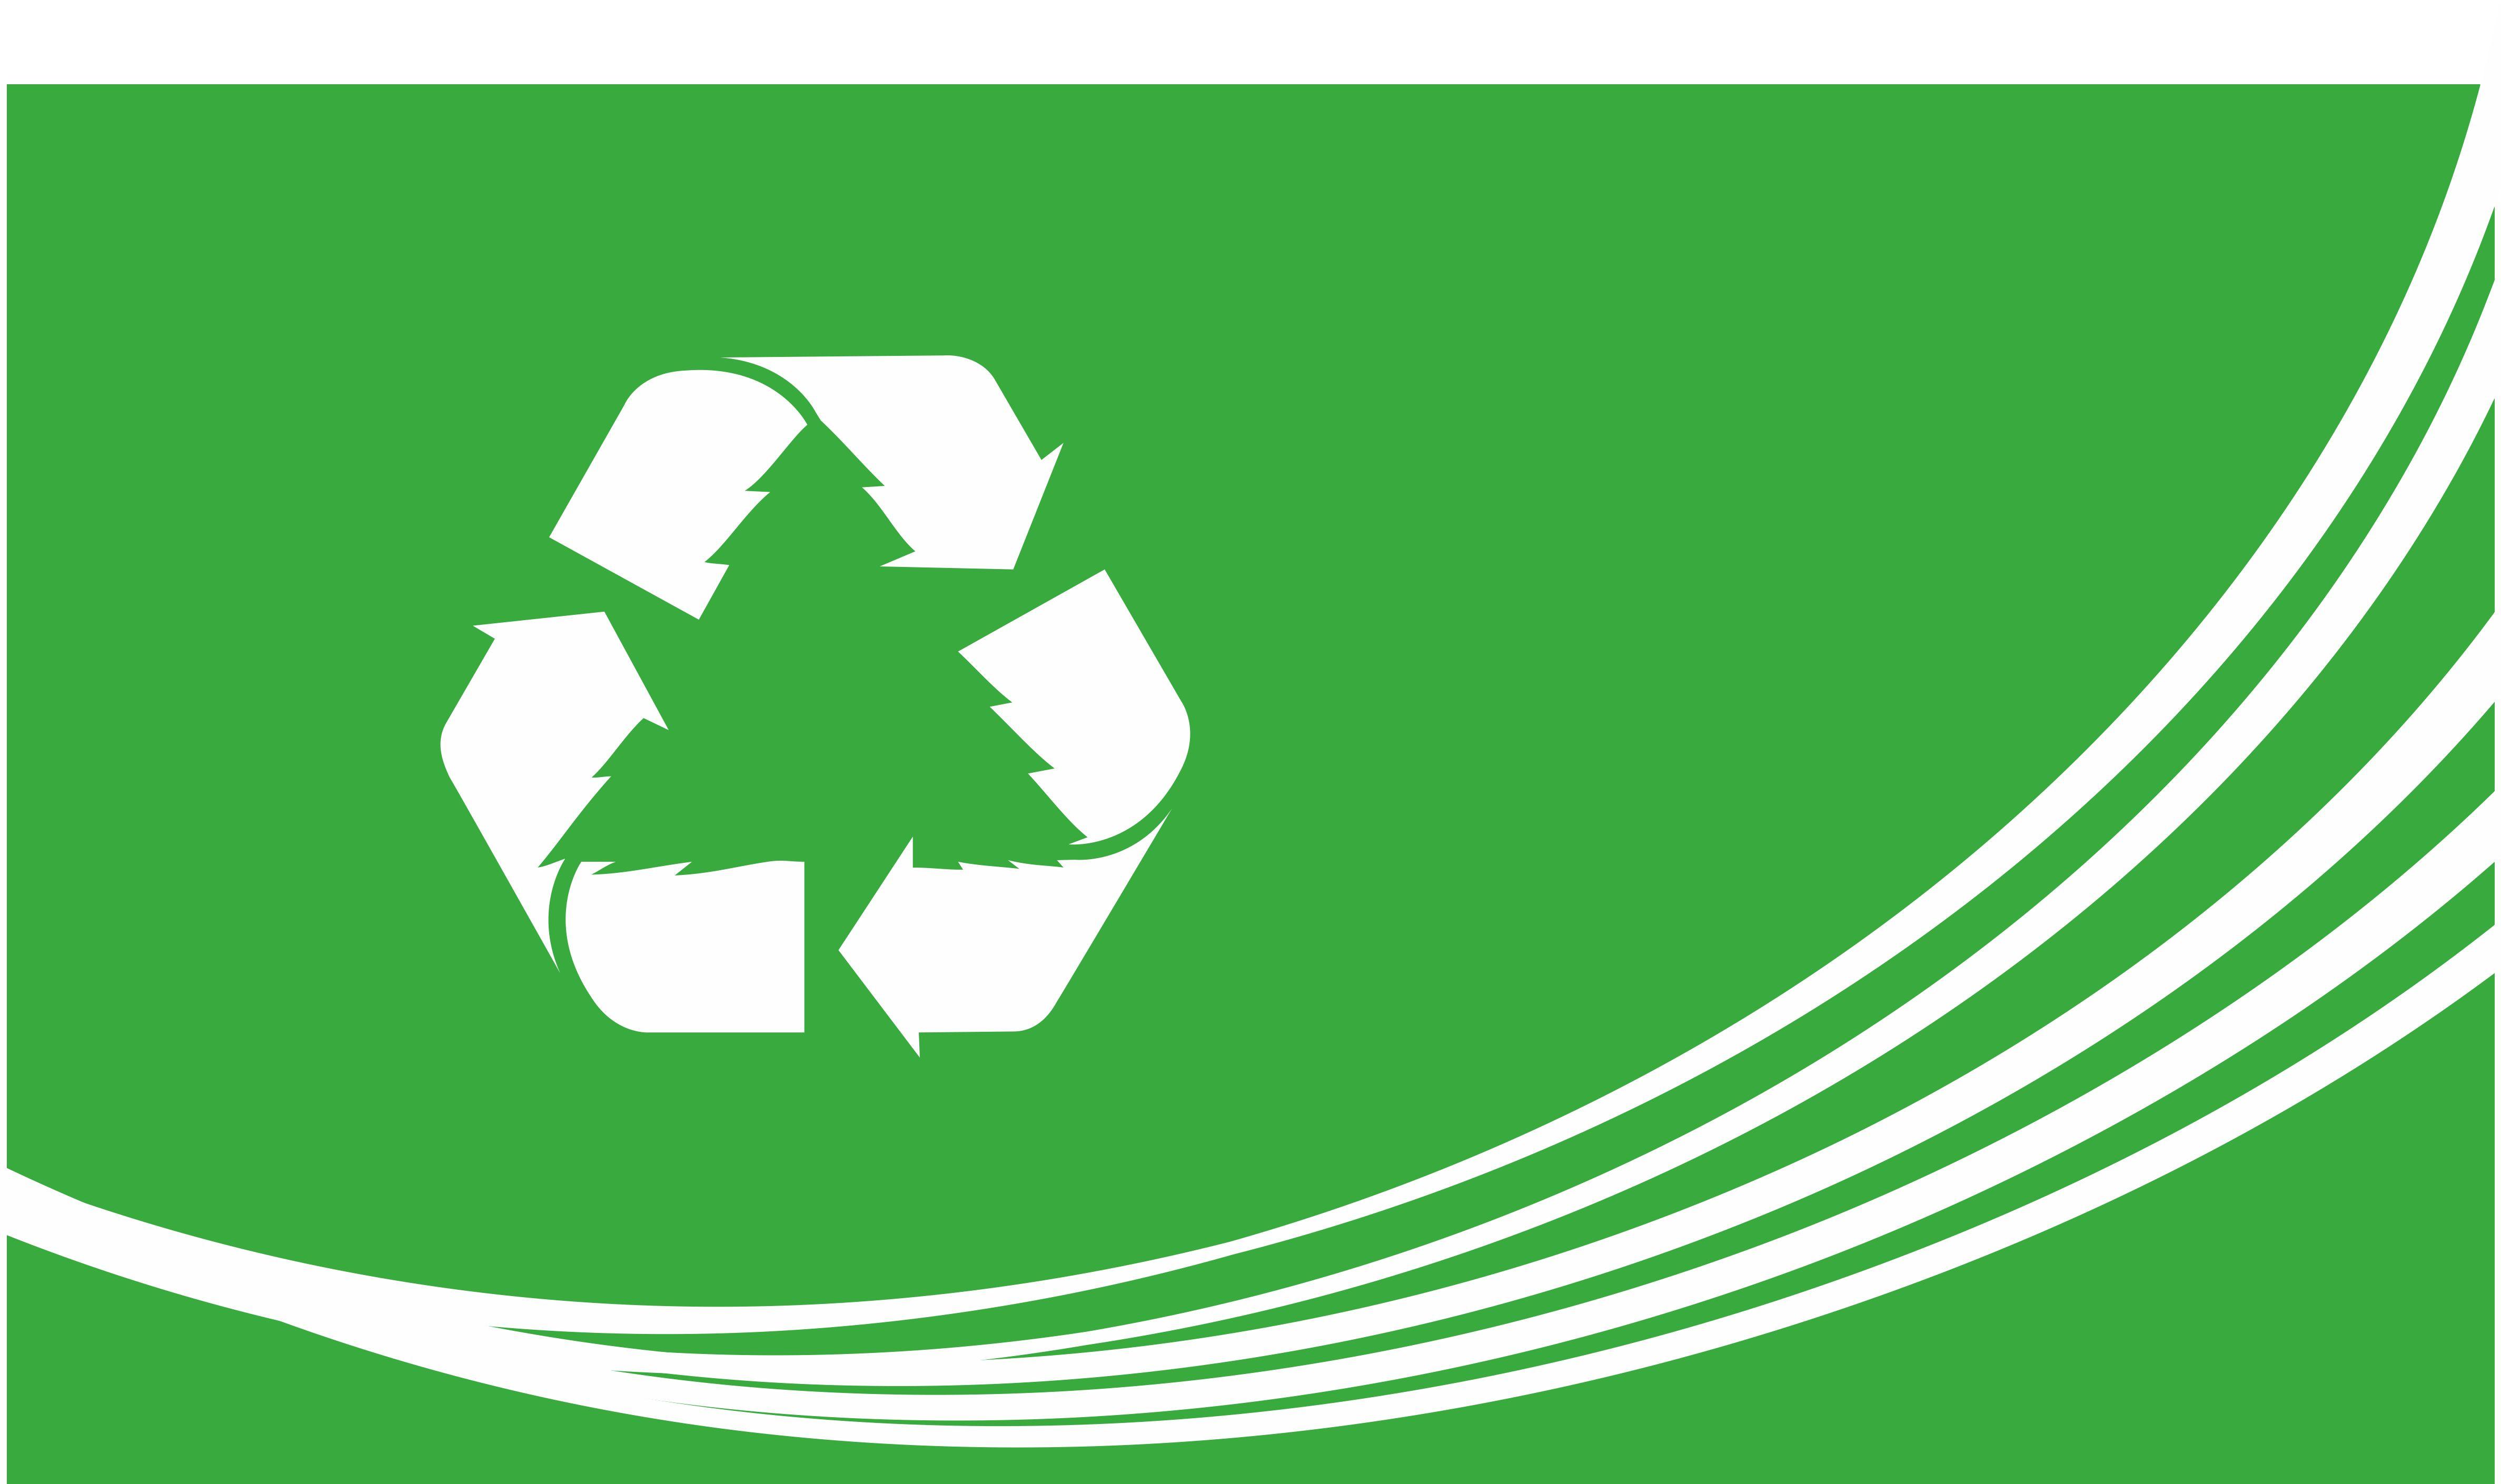 Шаблон раскраски мусорных контейнеров и бункеров - дизайнер zimt42